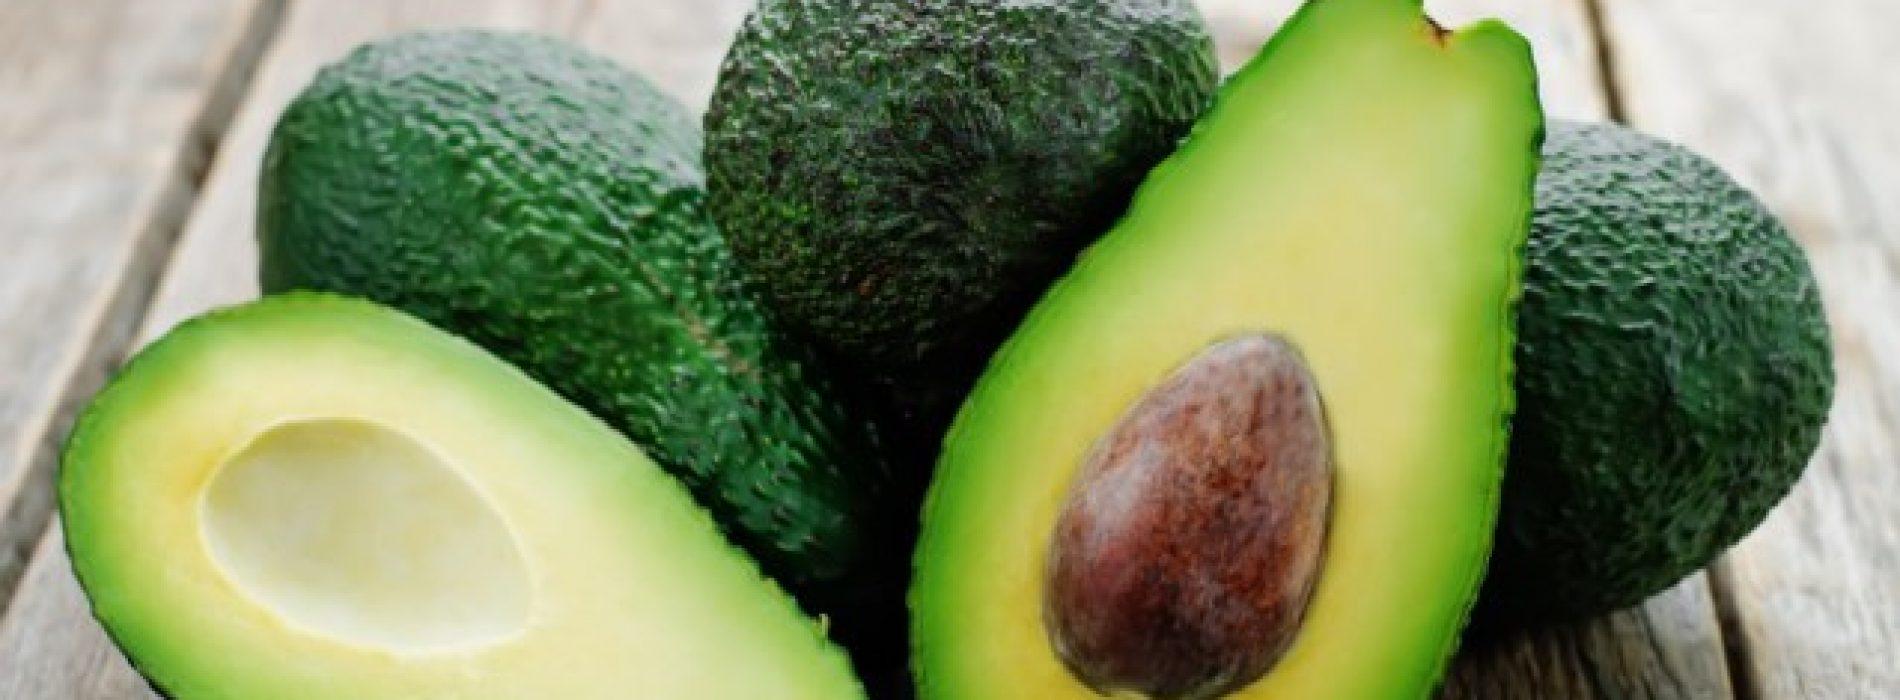 Artsen waarschuwen voor gevaar met avocado